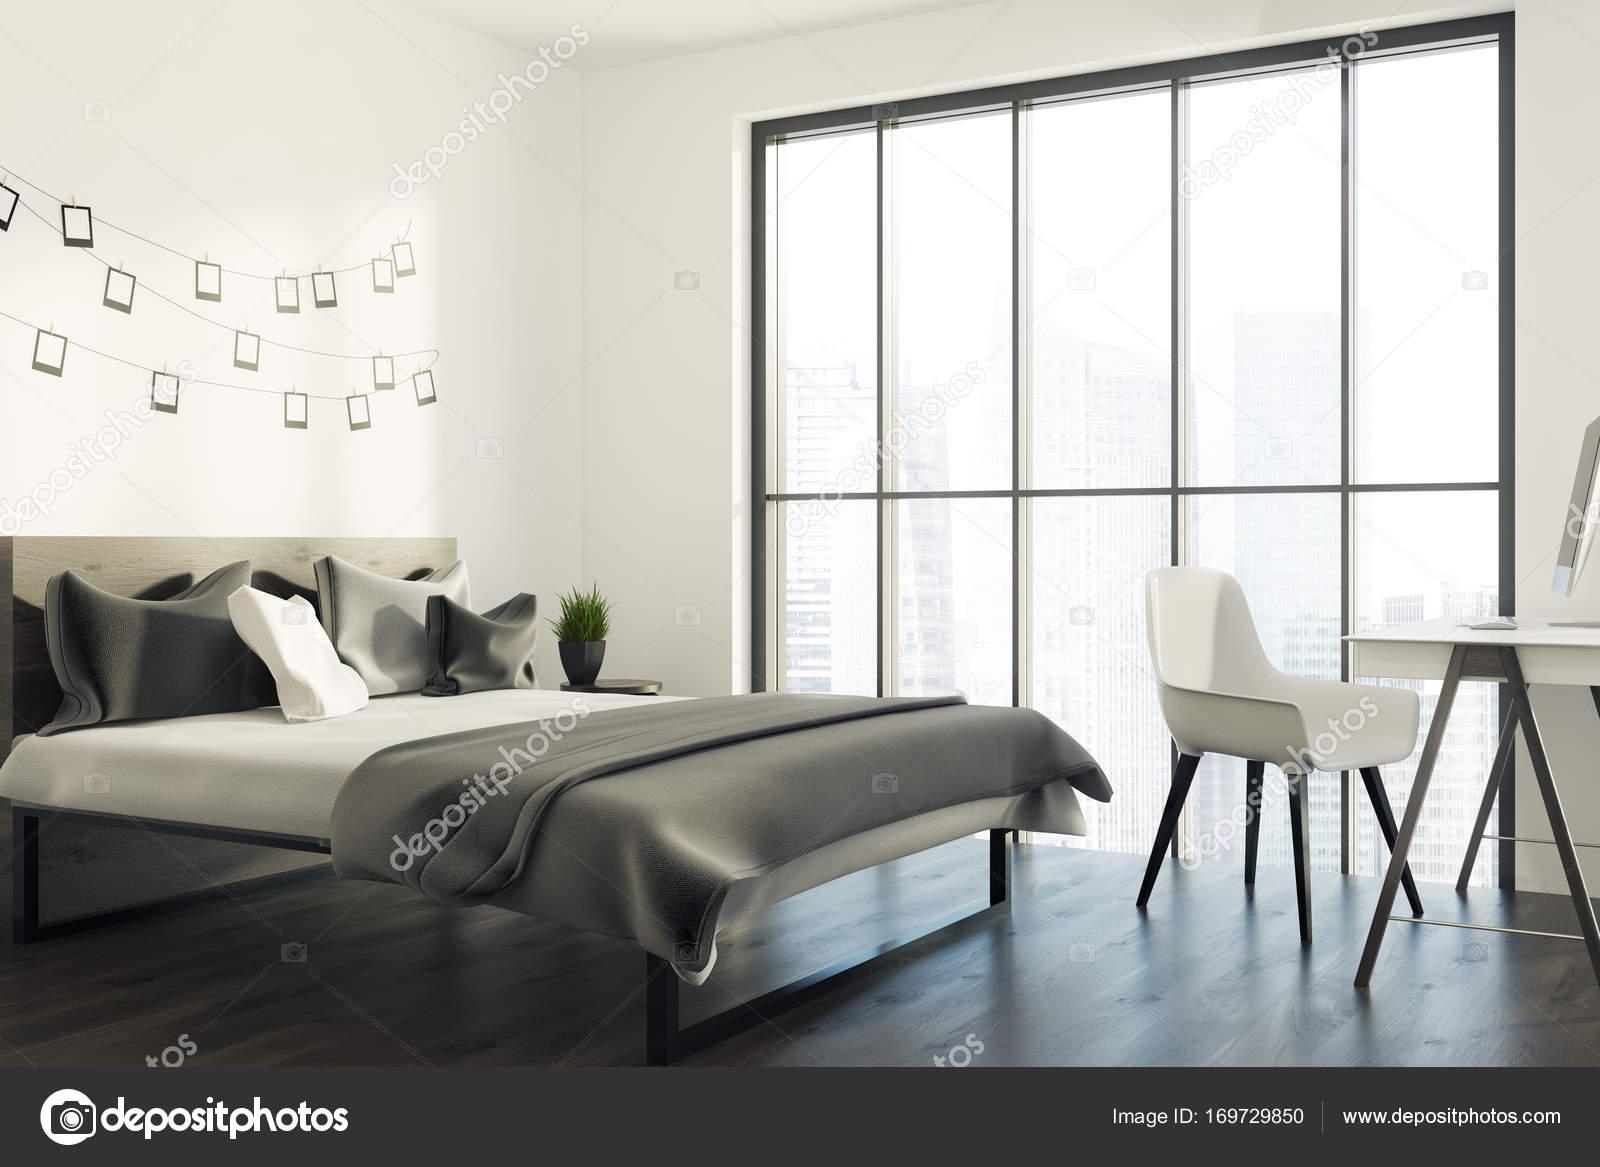 Chambre à Coucher Blanche Avec Coin Photo Galerie, Grisu2013 Images De Stock  Libres De Droits